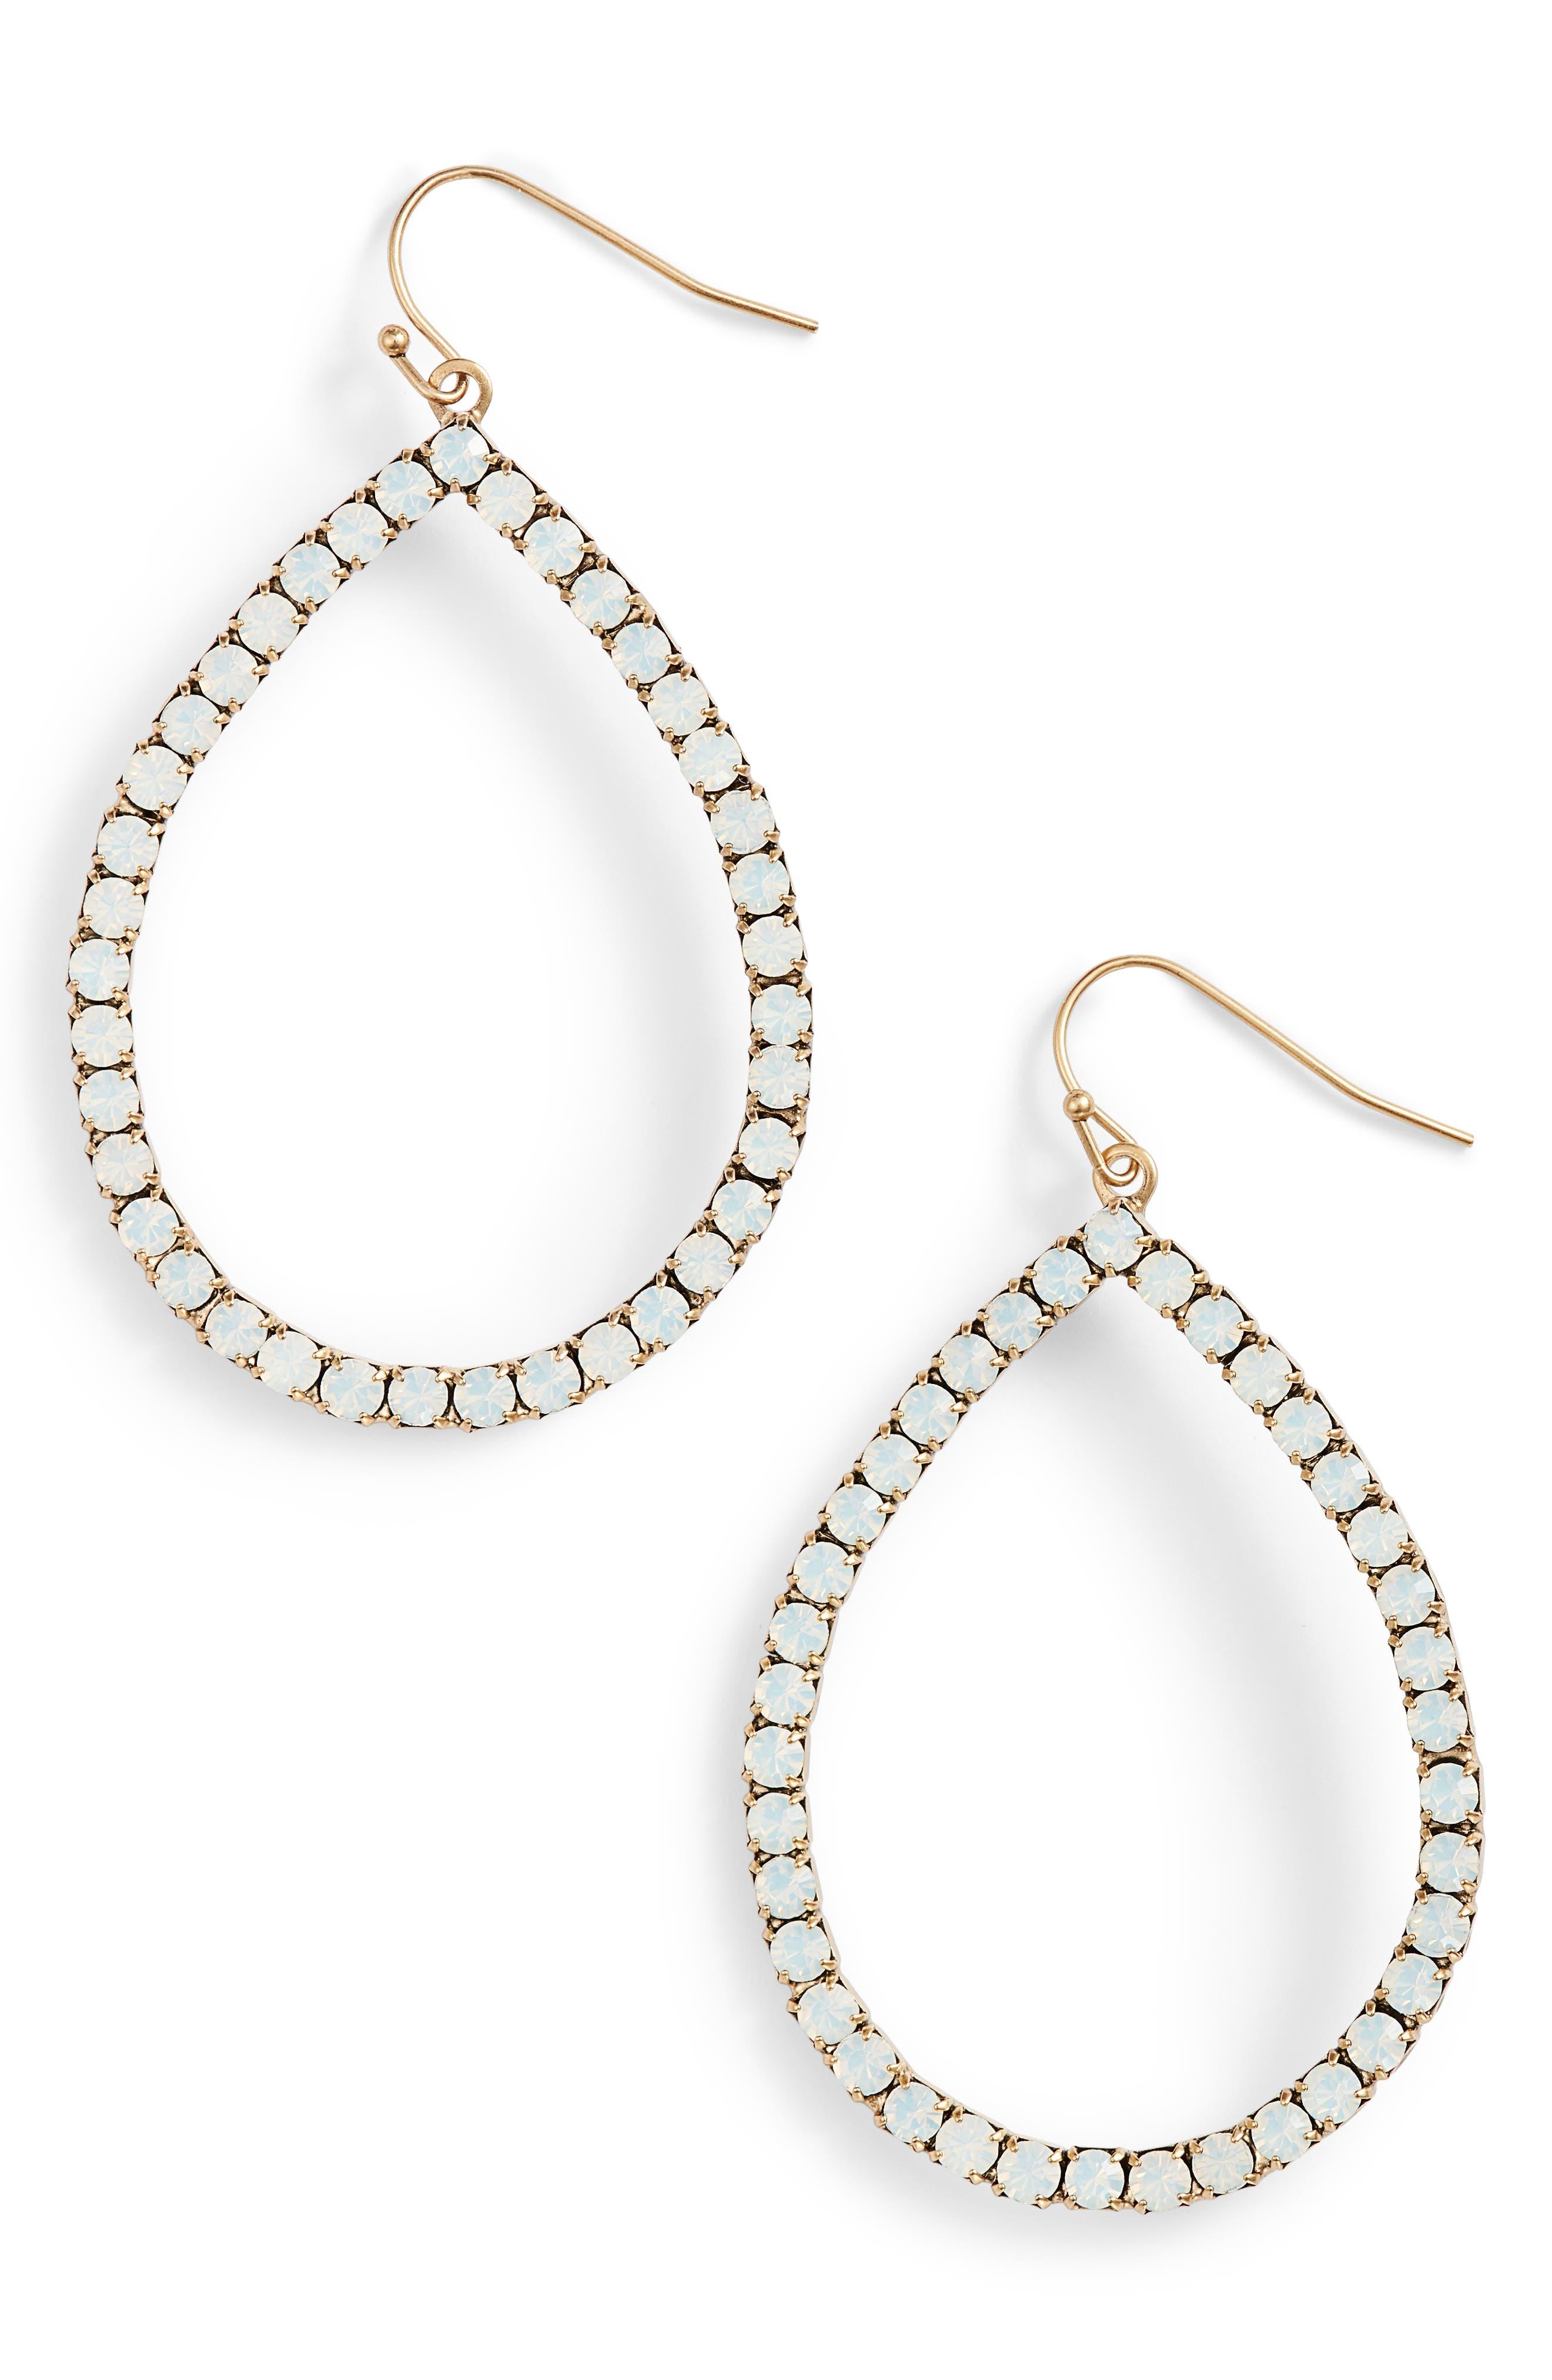 Emilia Crystal Teardrop Earrings,                             Main thumbnail 1, color,                             100